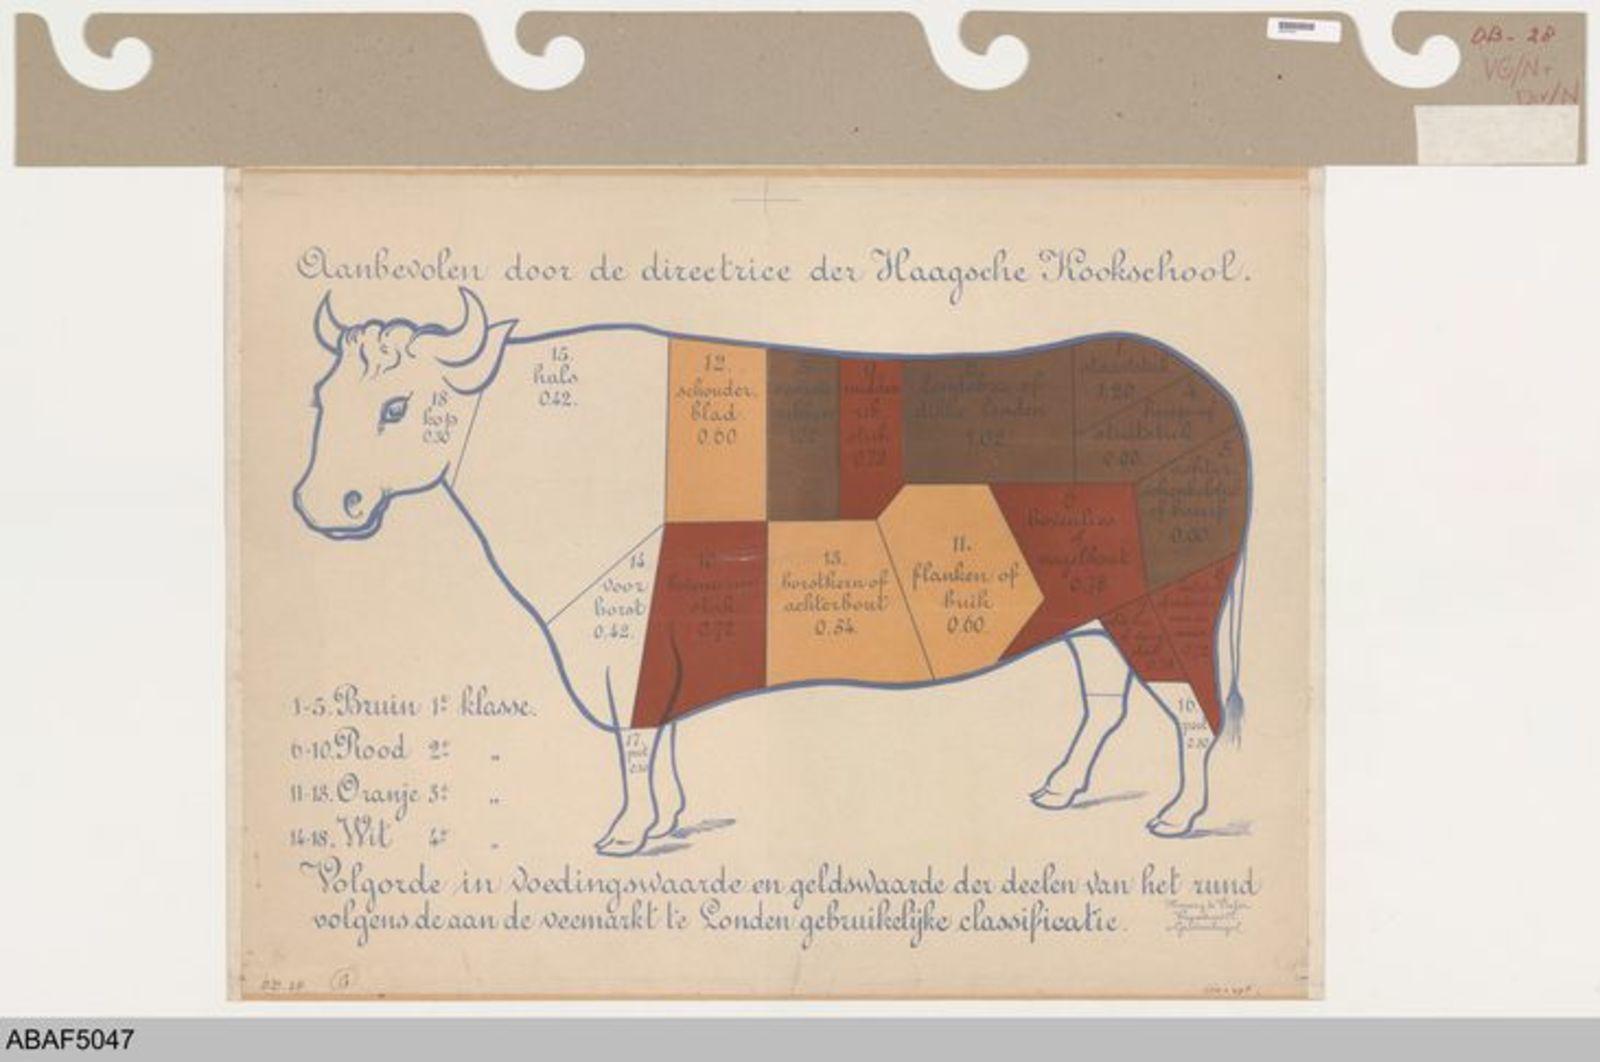 Aanbevolen door de directrice van de Haagsche Kookschool. Volgorde in voedingswaarde en geldswaarde der deelen van het rund volgens de aan de veemarkt te Londen gebruikelijke classificatie.